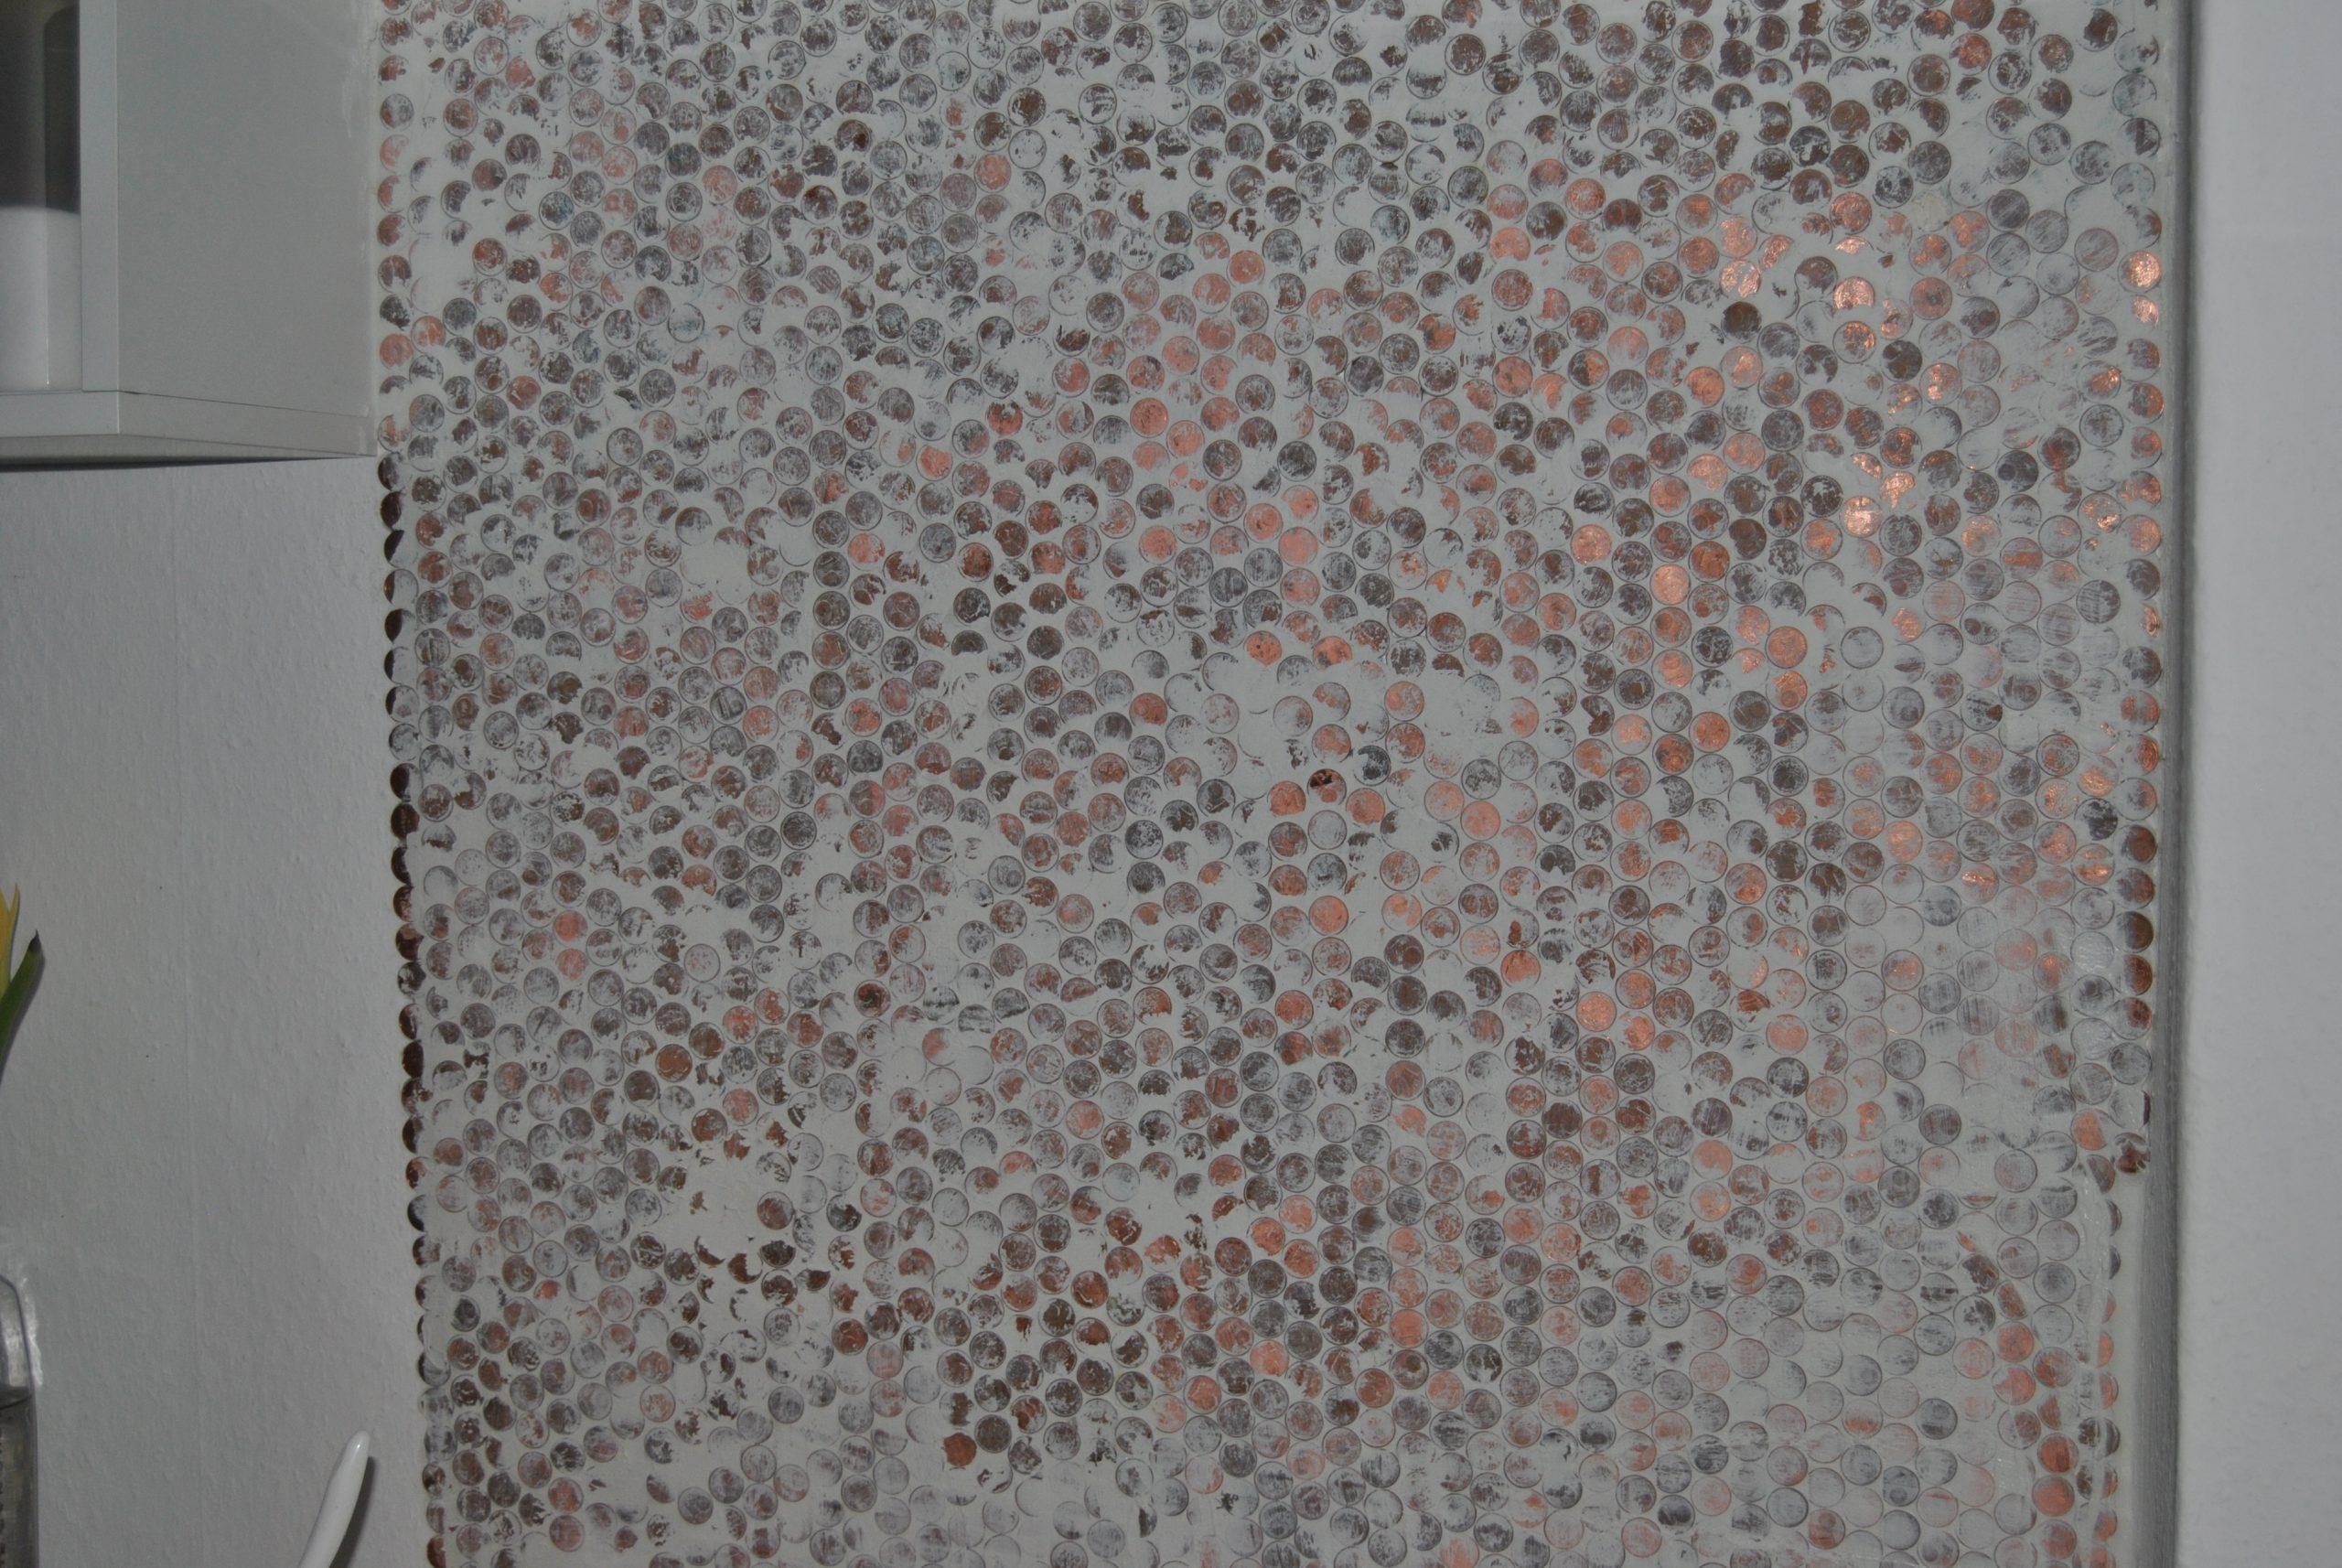 Full Size of Diy Spritzschutz Fr Kche Küche Mit Theke Ohne Hängeschränke Weiß Matt Nolte Glaswand Deko Für Kochinsel Einbauküche Elektrogeräten Kleine L Form Küche Fliesenspiegel Küche Selber Machen